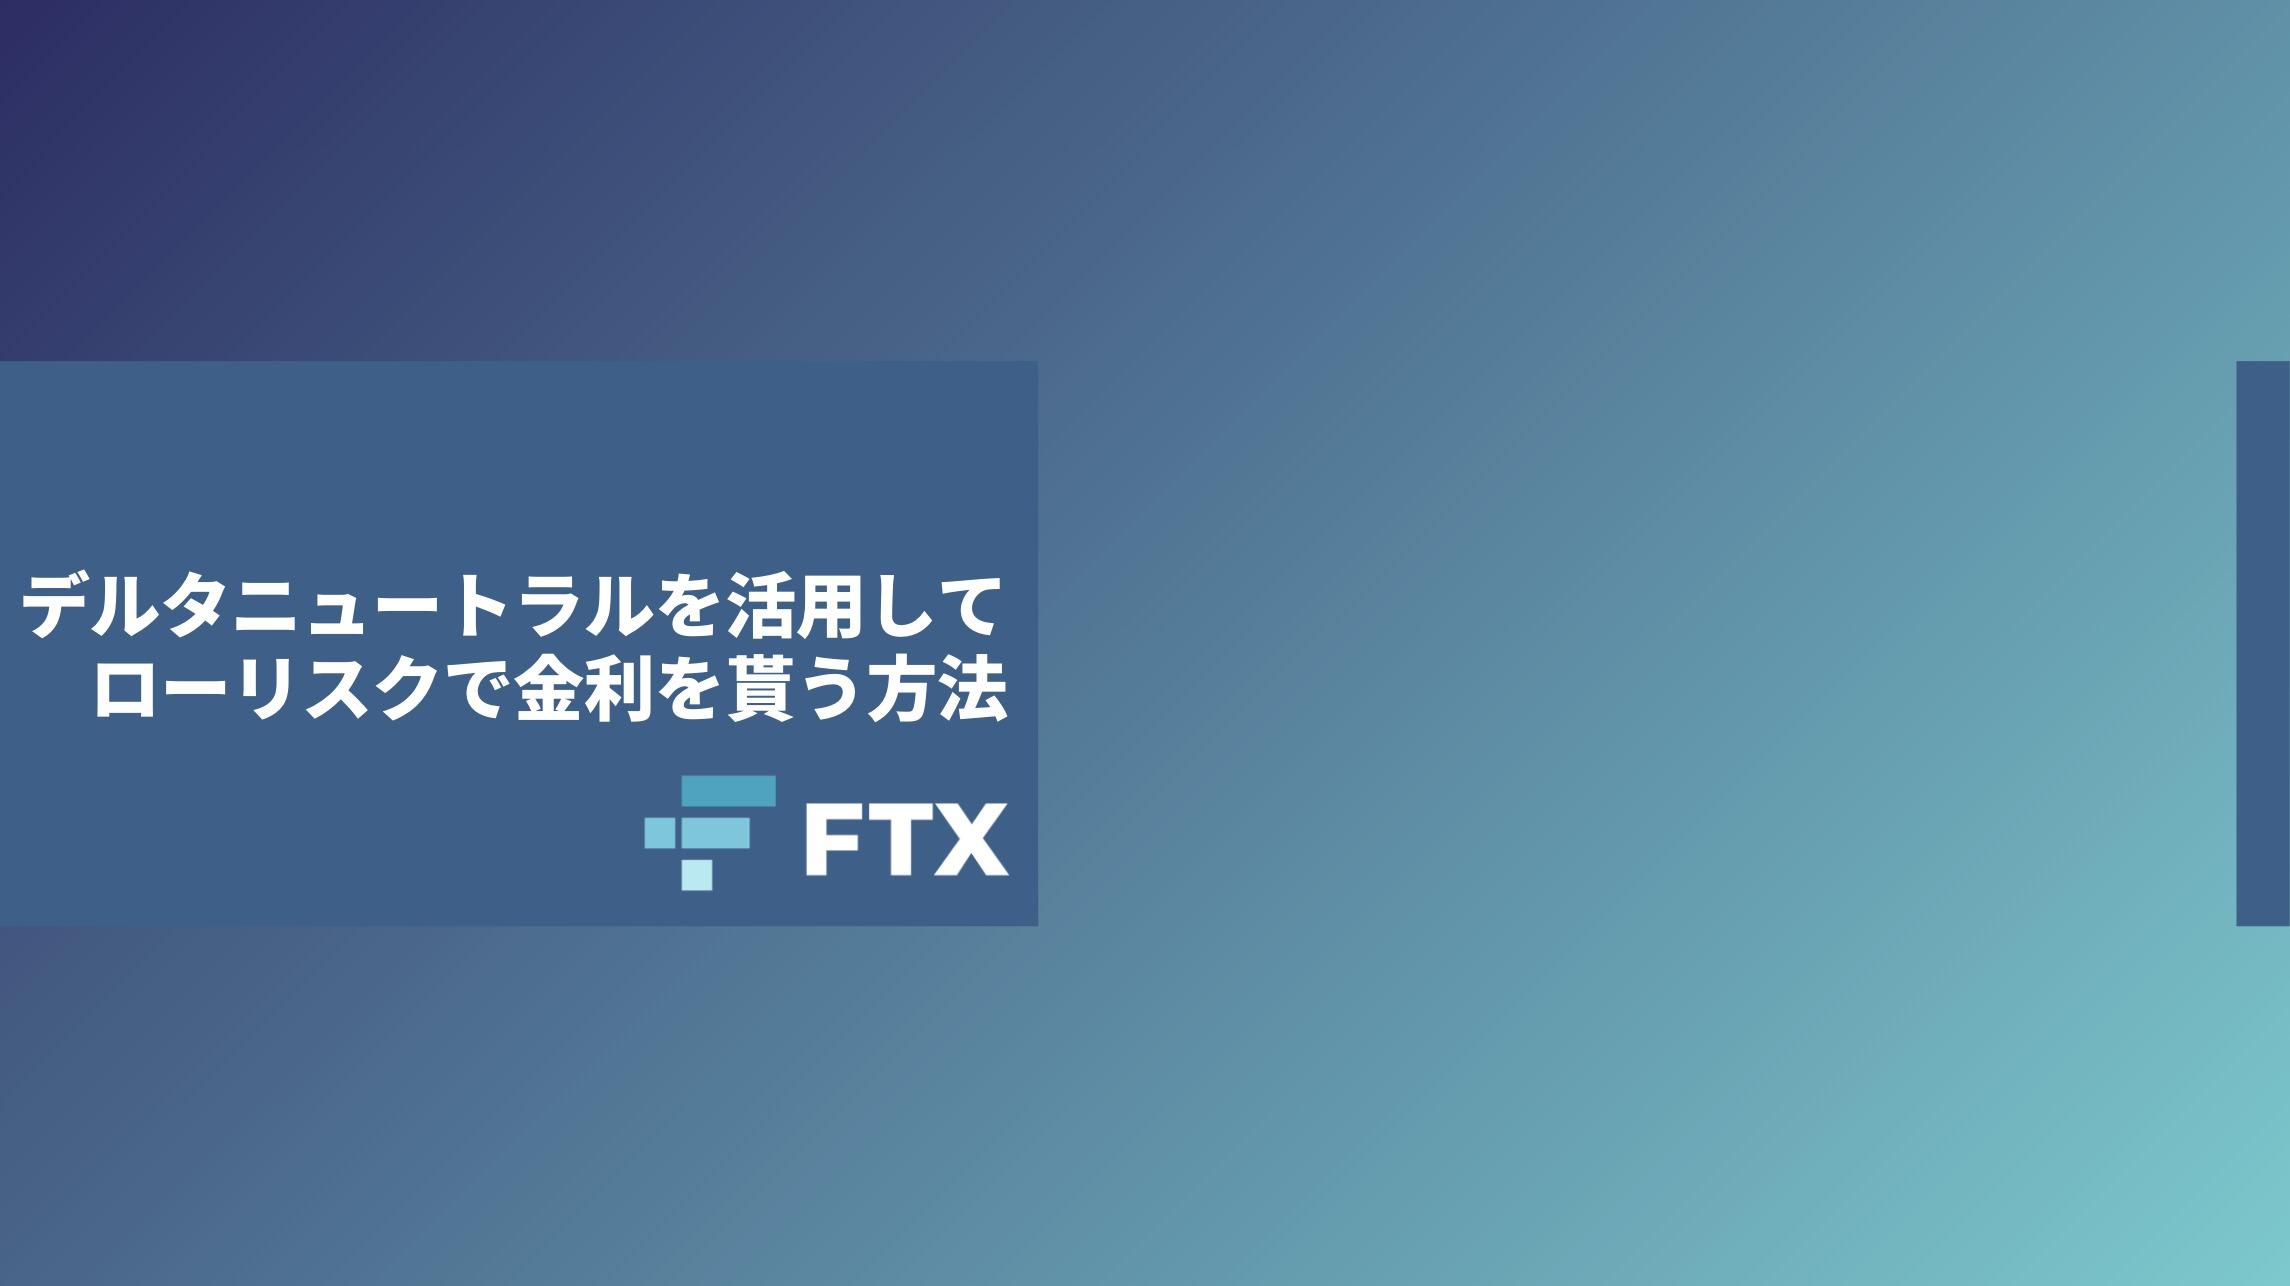 【超簡単】FTXでデルタニュートラル戦略を駆使してFRを稼ぐ方法